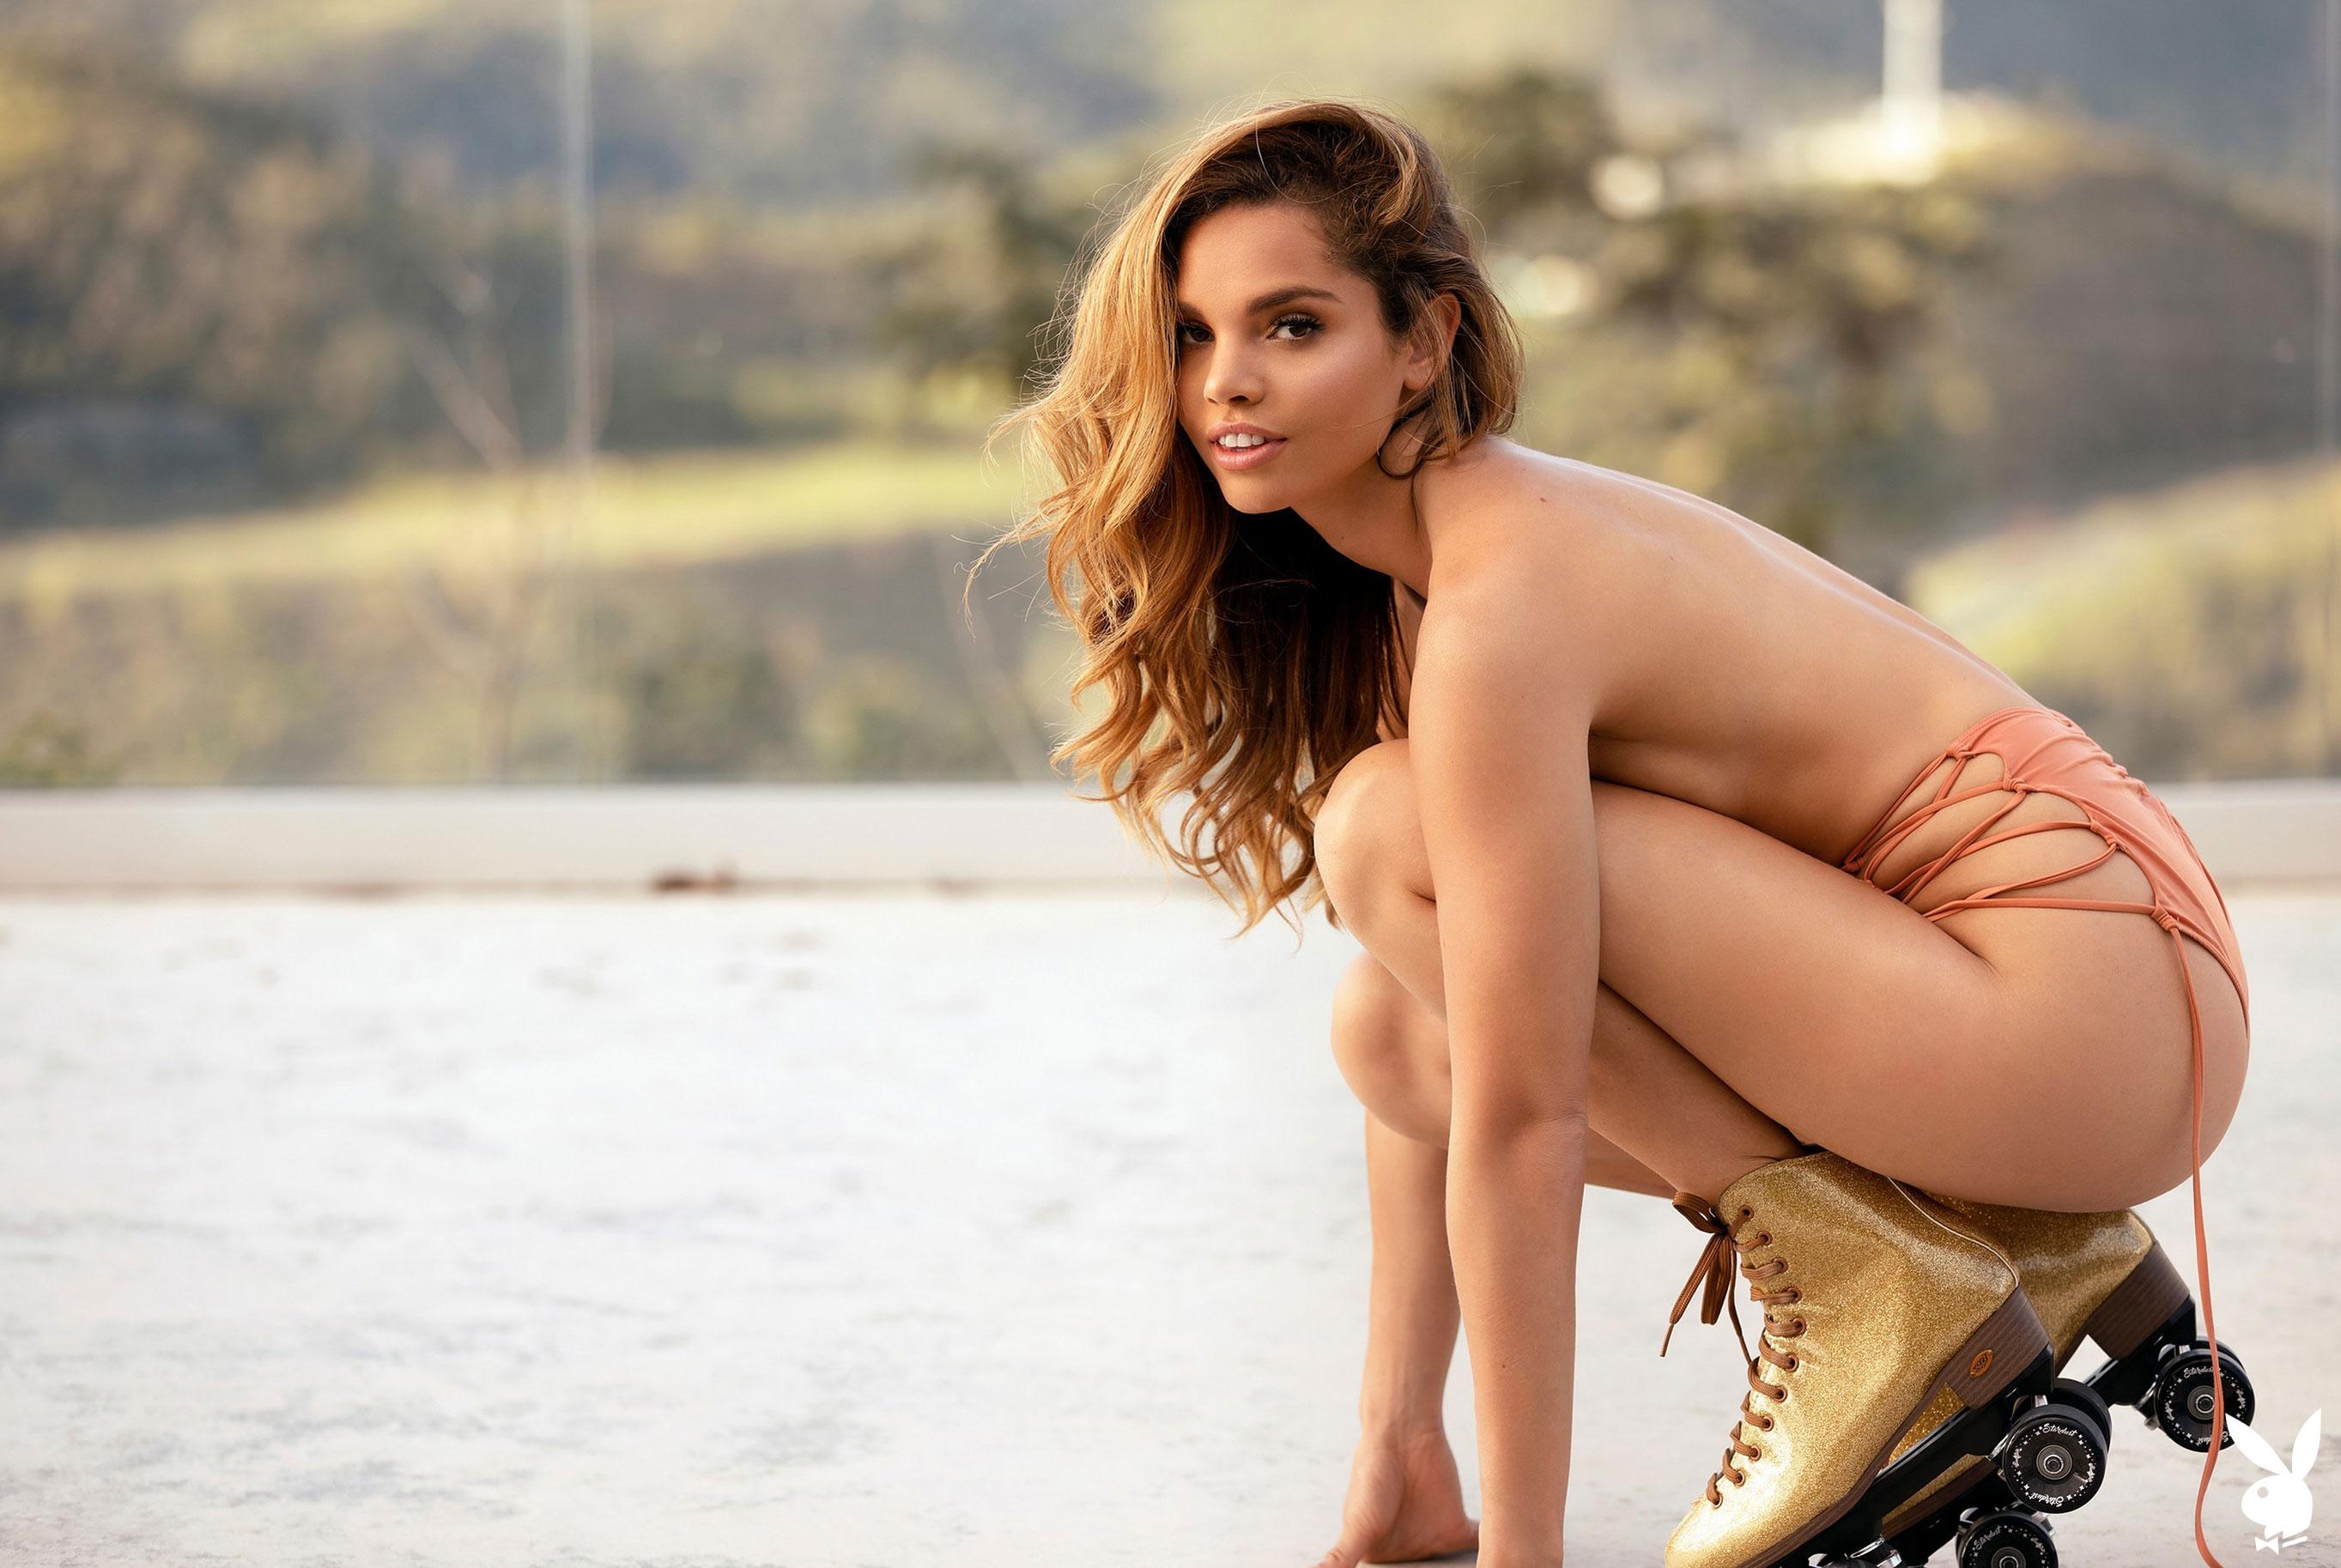 Мисс Июнь 2019 американского Playboy Йоли Лара / фото 01